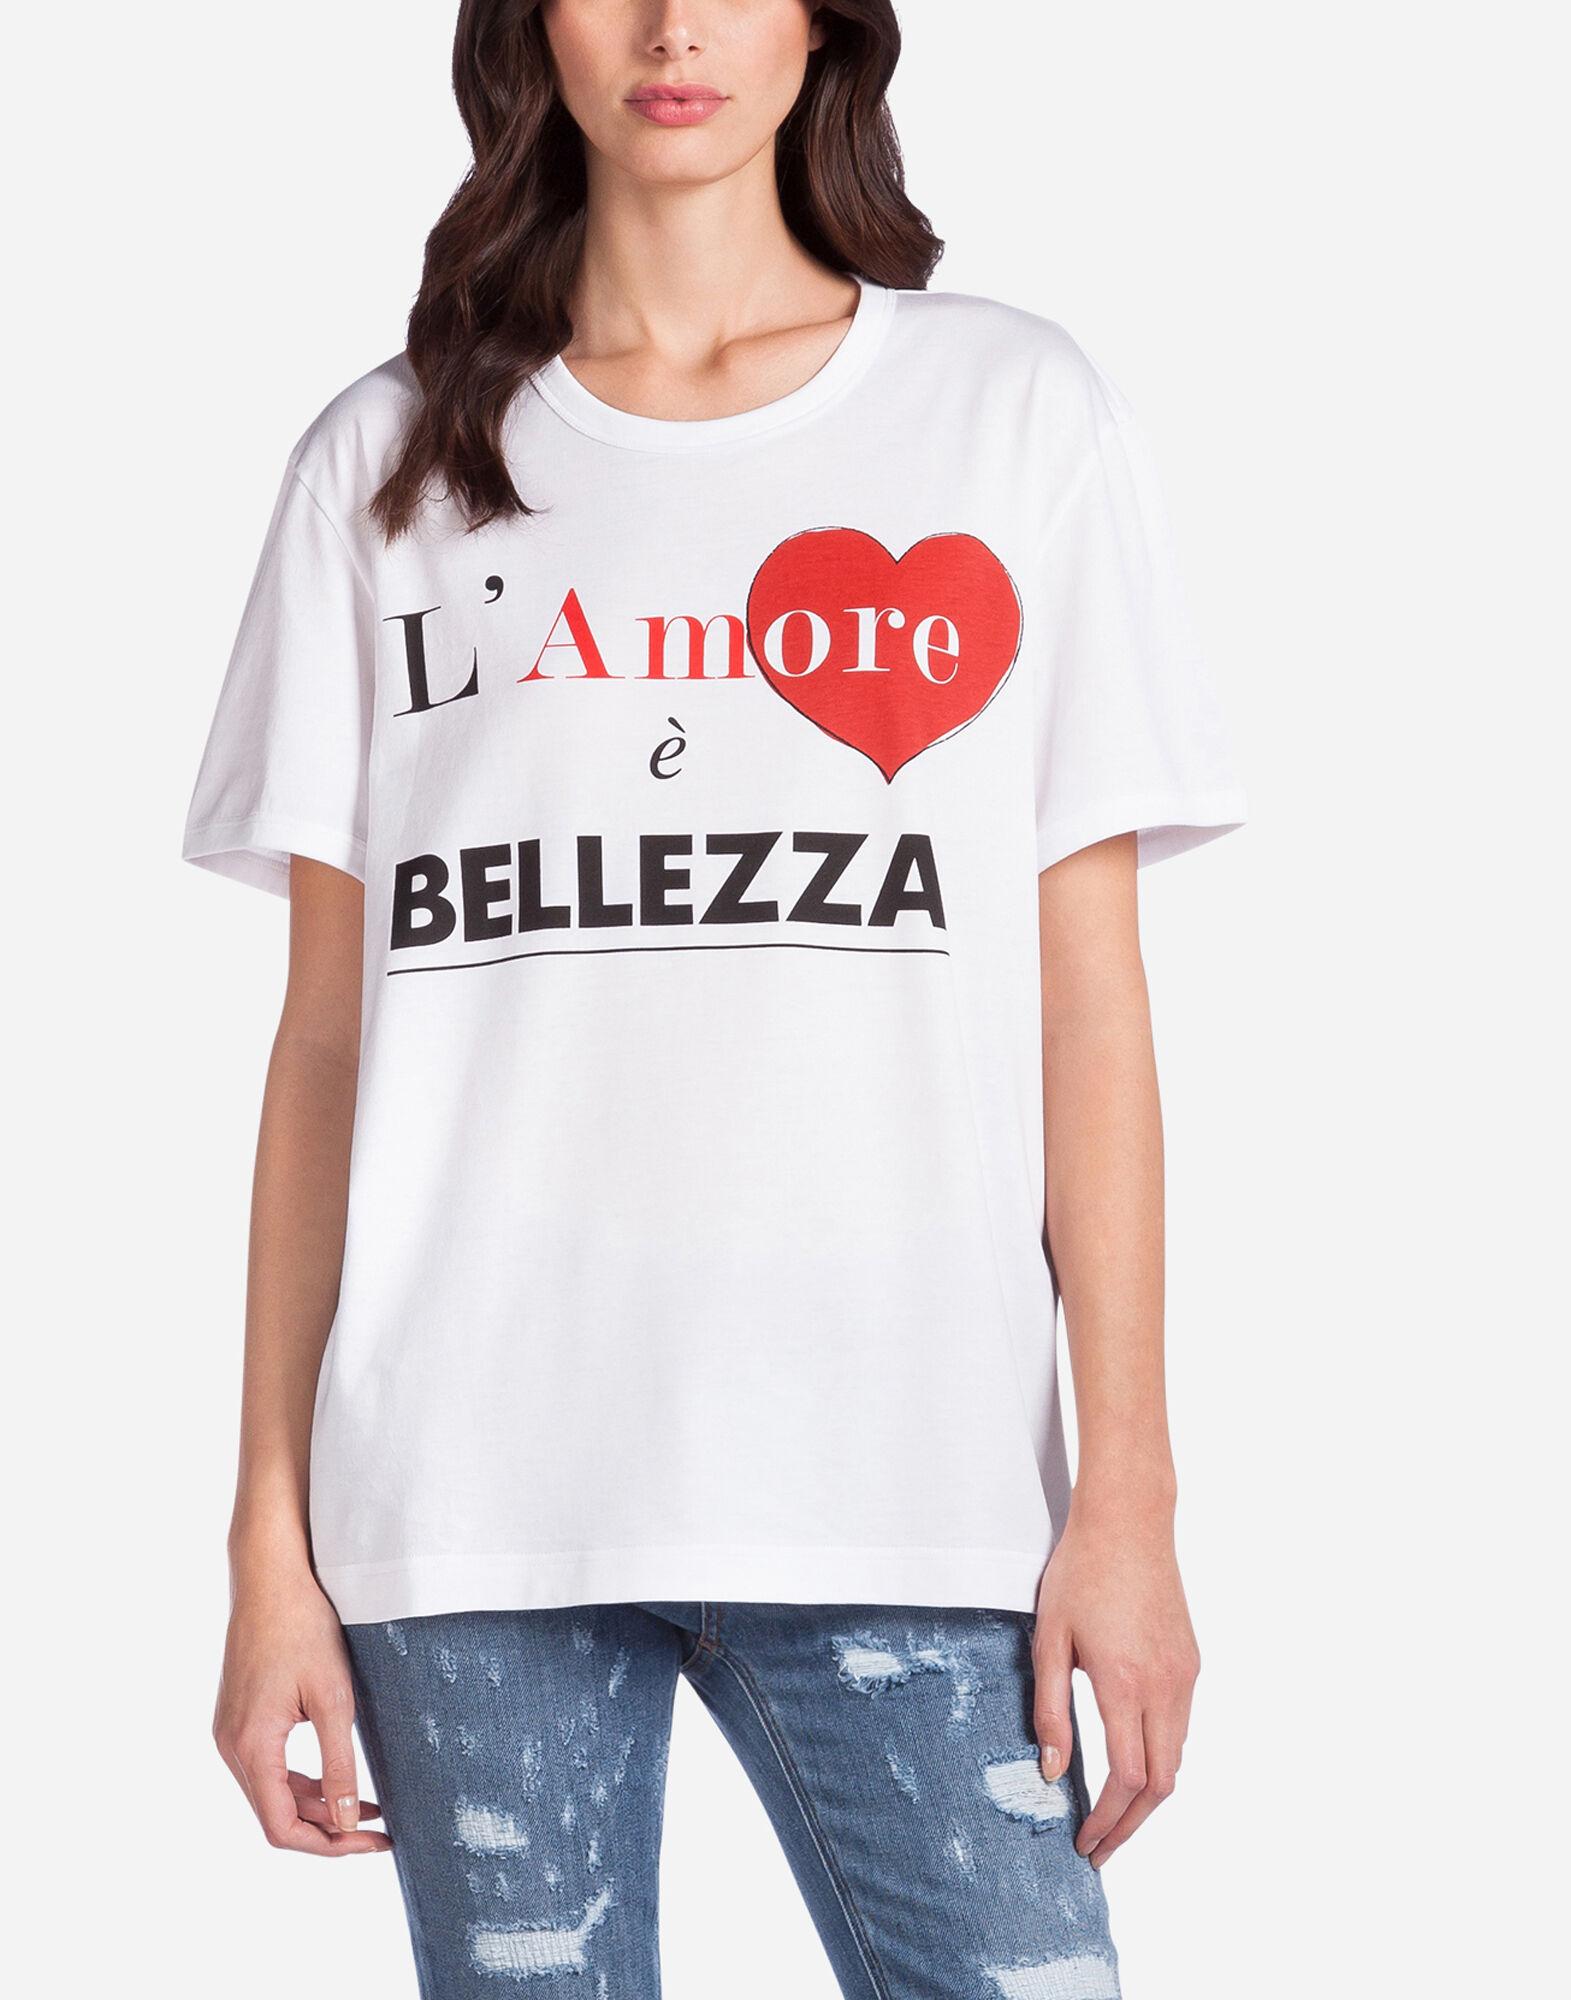 amp;gabbana È L'amore DonnaDolce T Bellezza Shirt VGqSzpMU